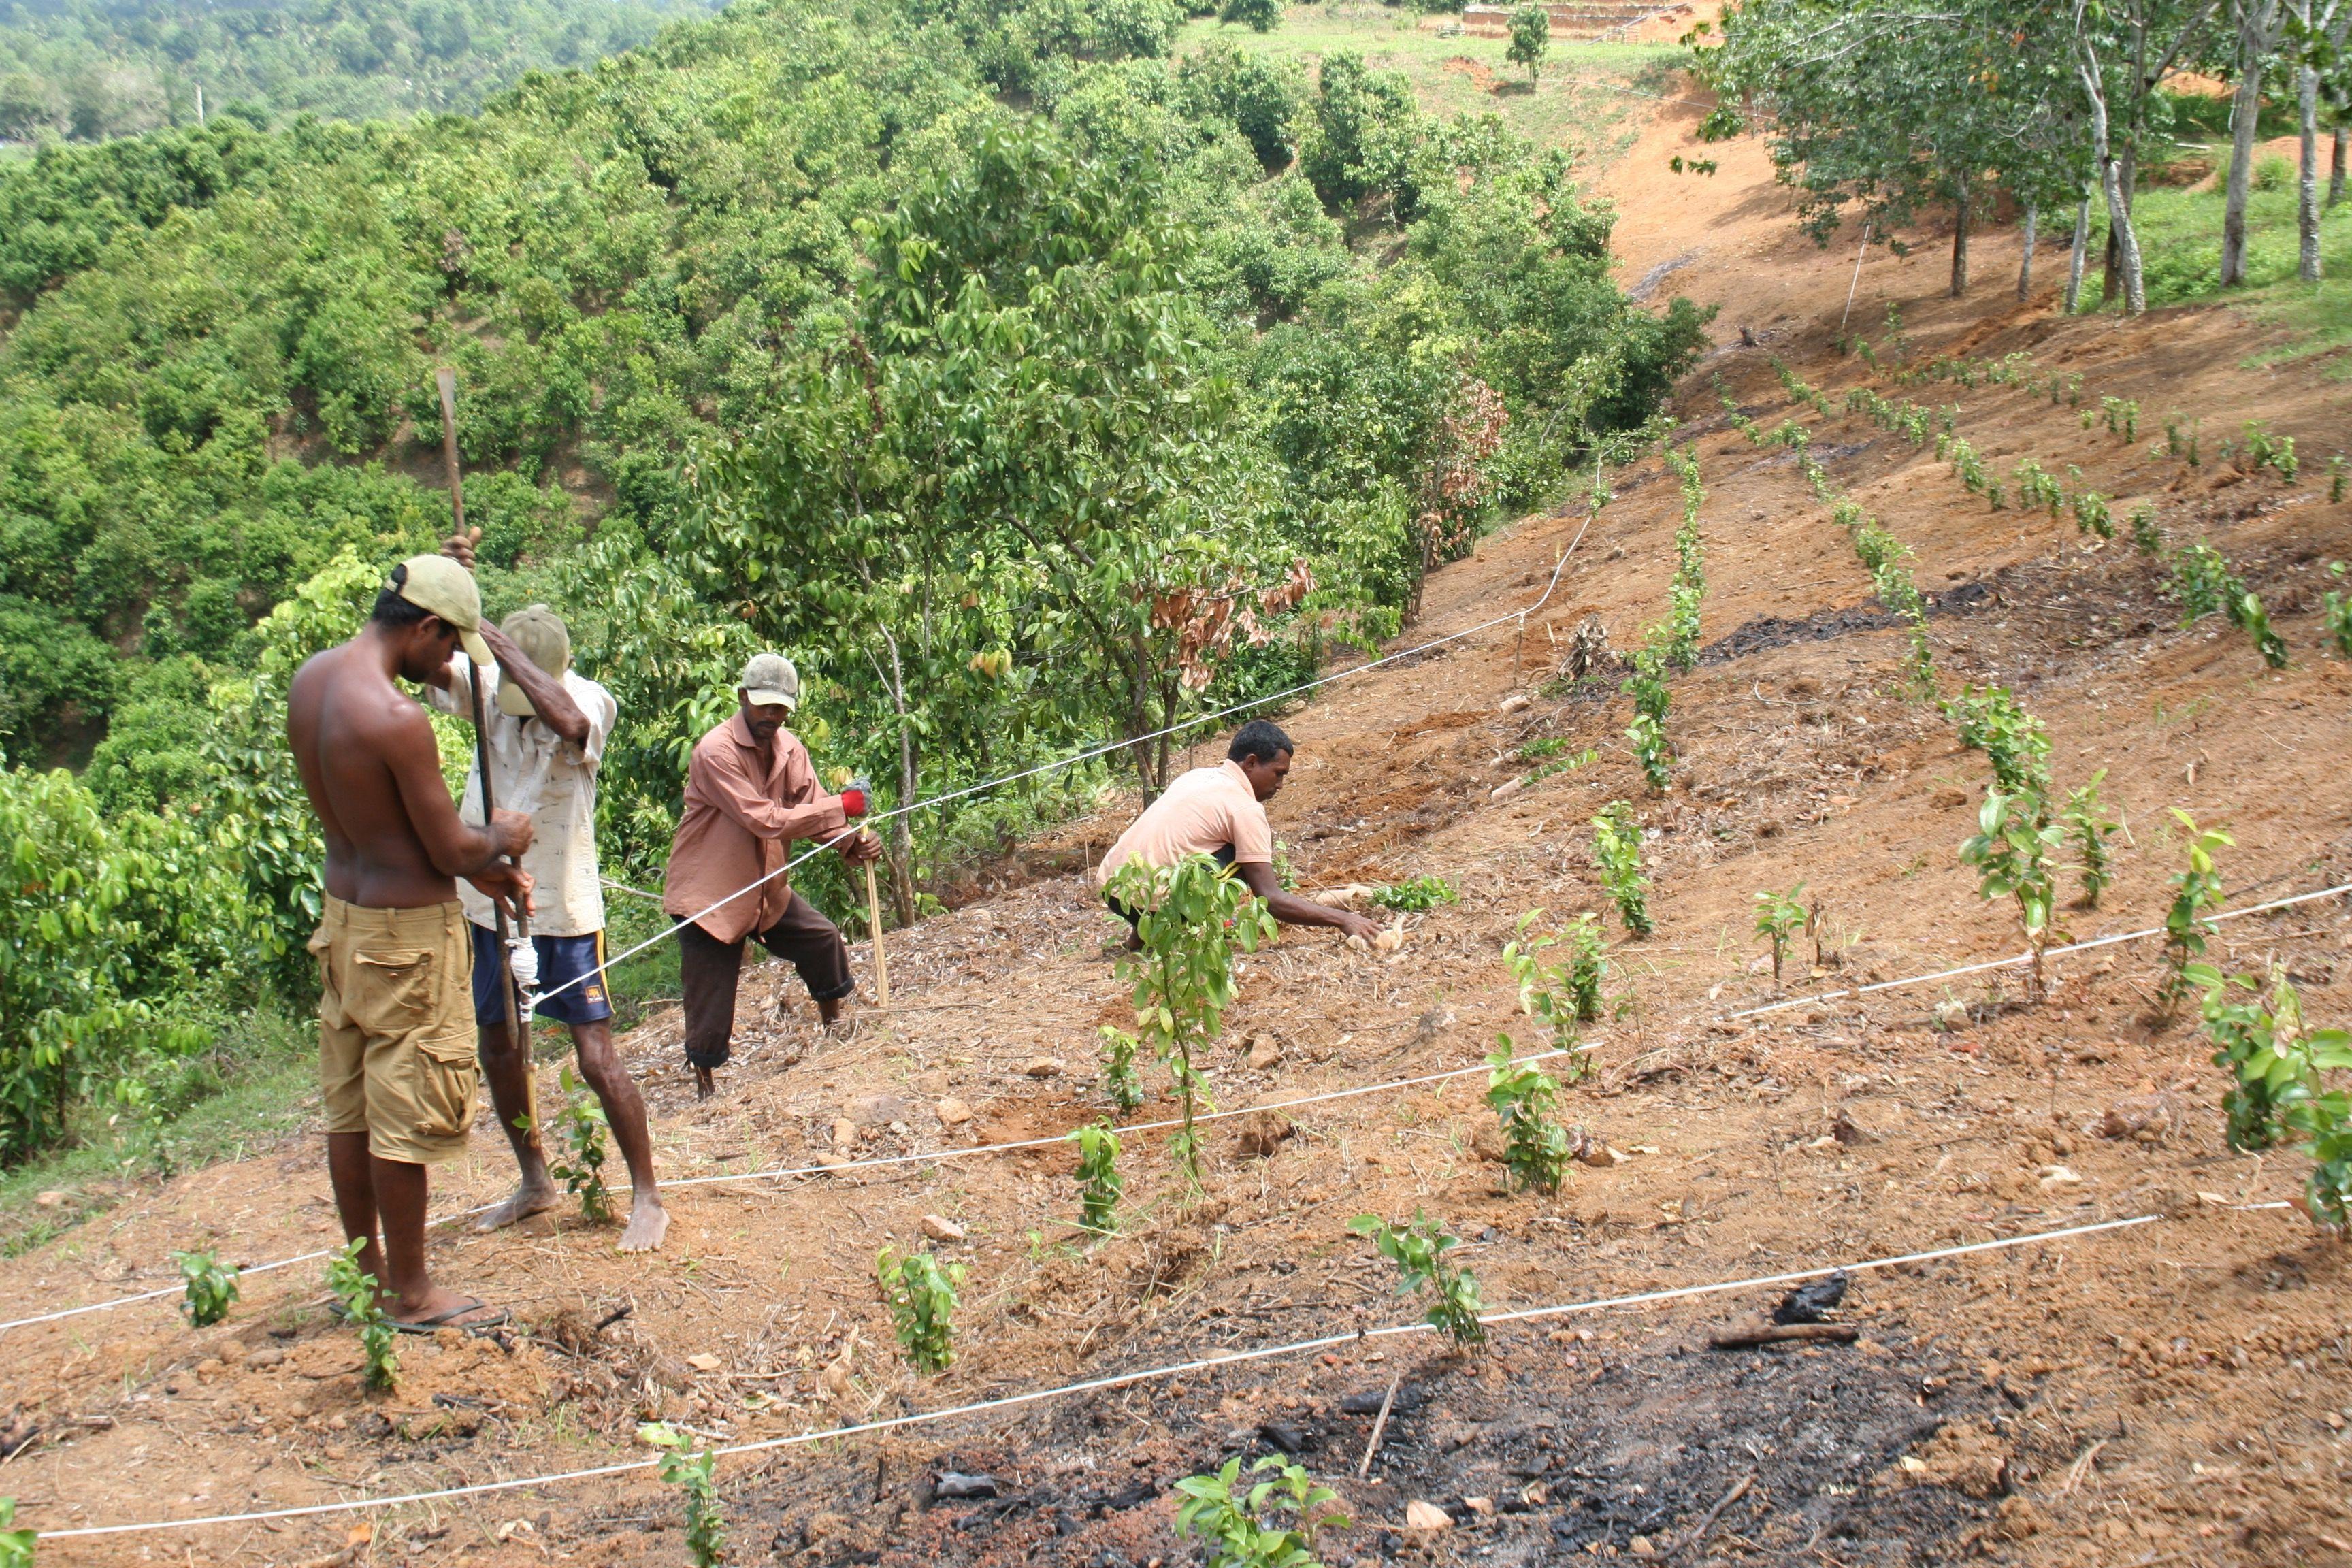 Planting small Ceylon cinnamon plants on open ground